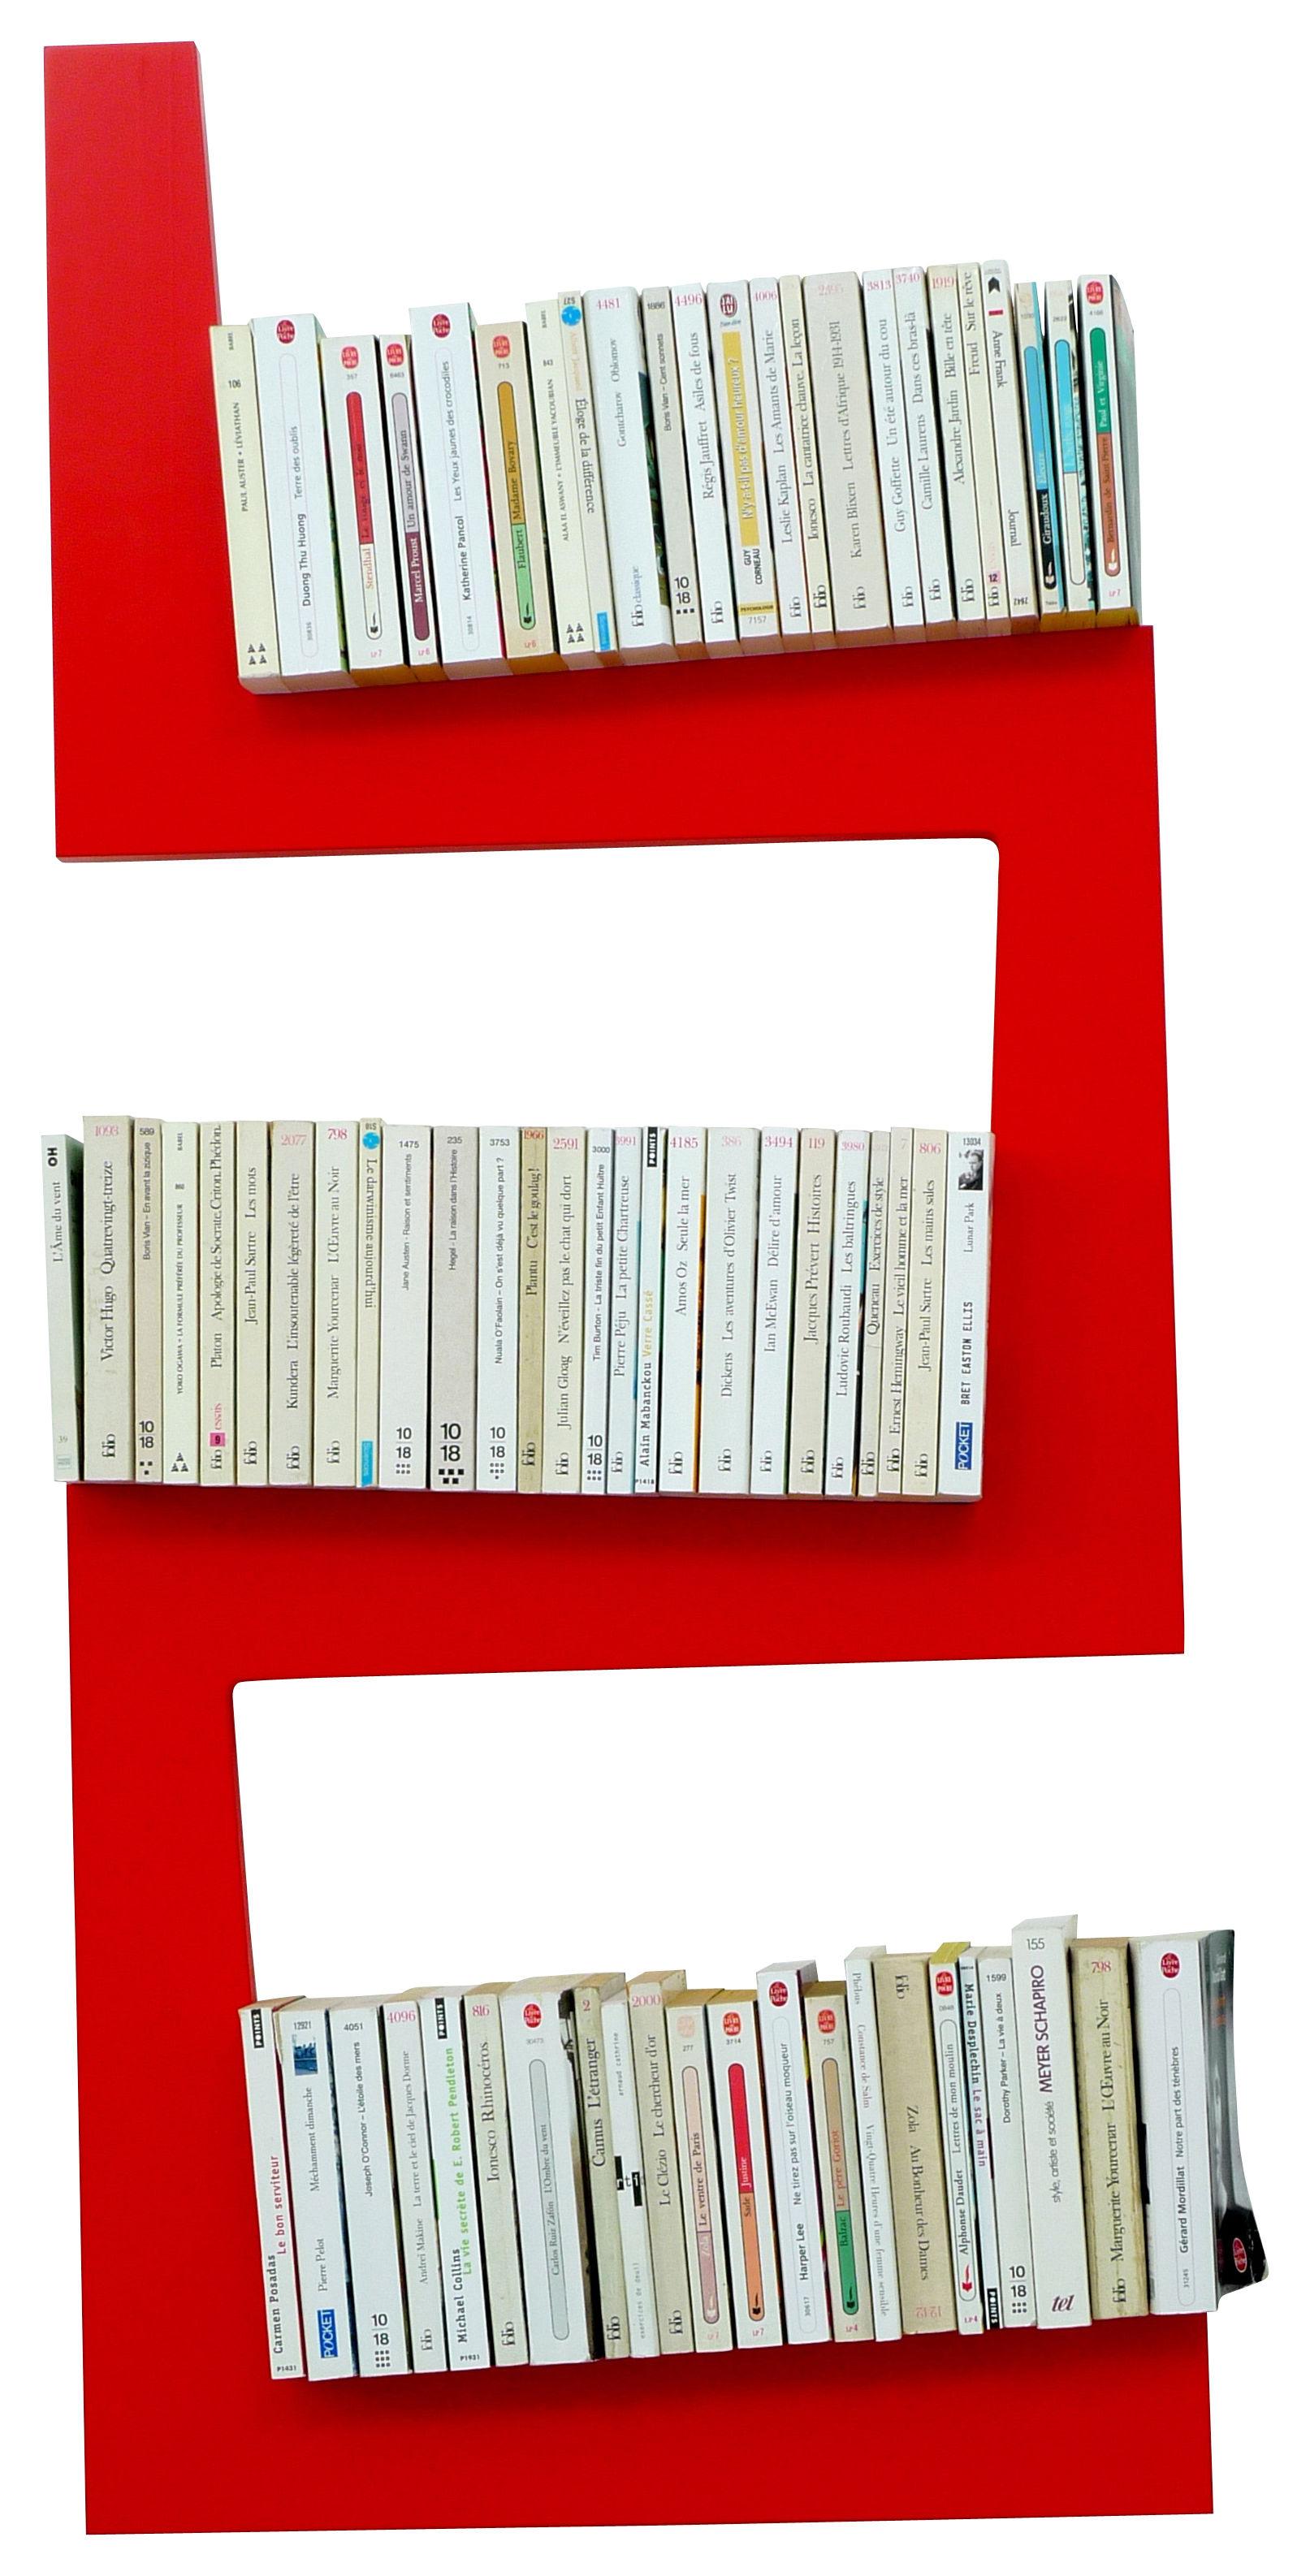 Arredamento - Scaffali e librerie - Scaffale OneSnake di La Corbeille - Rosso - MDF laccato